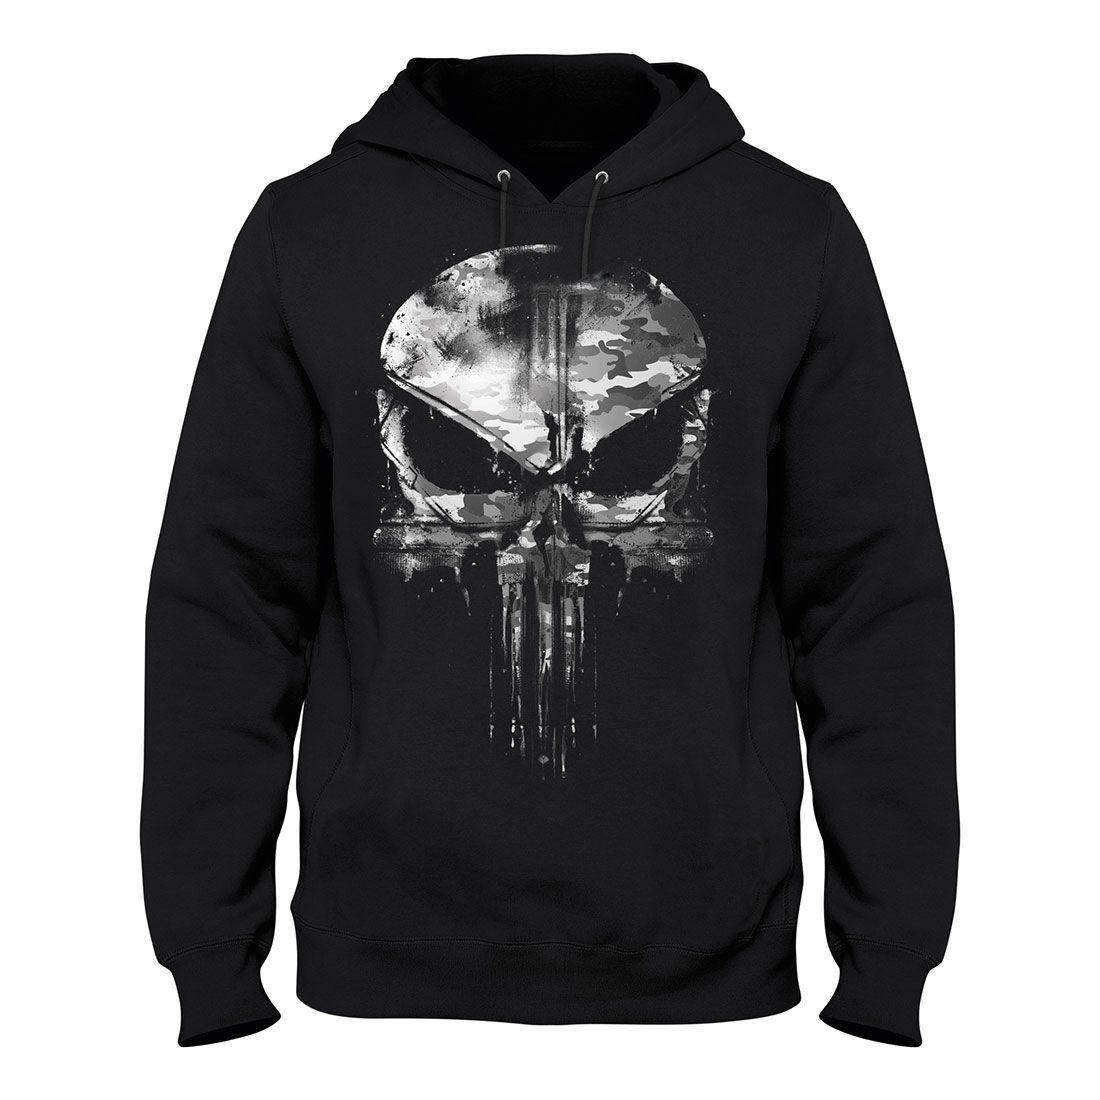 Punisher Printed Hoodies Zipper Sweatshirt Cosplay Sports Hooded Jacket Top